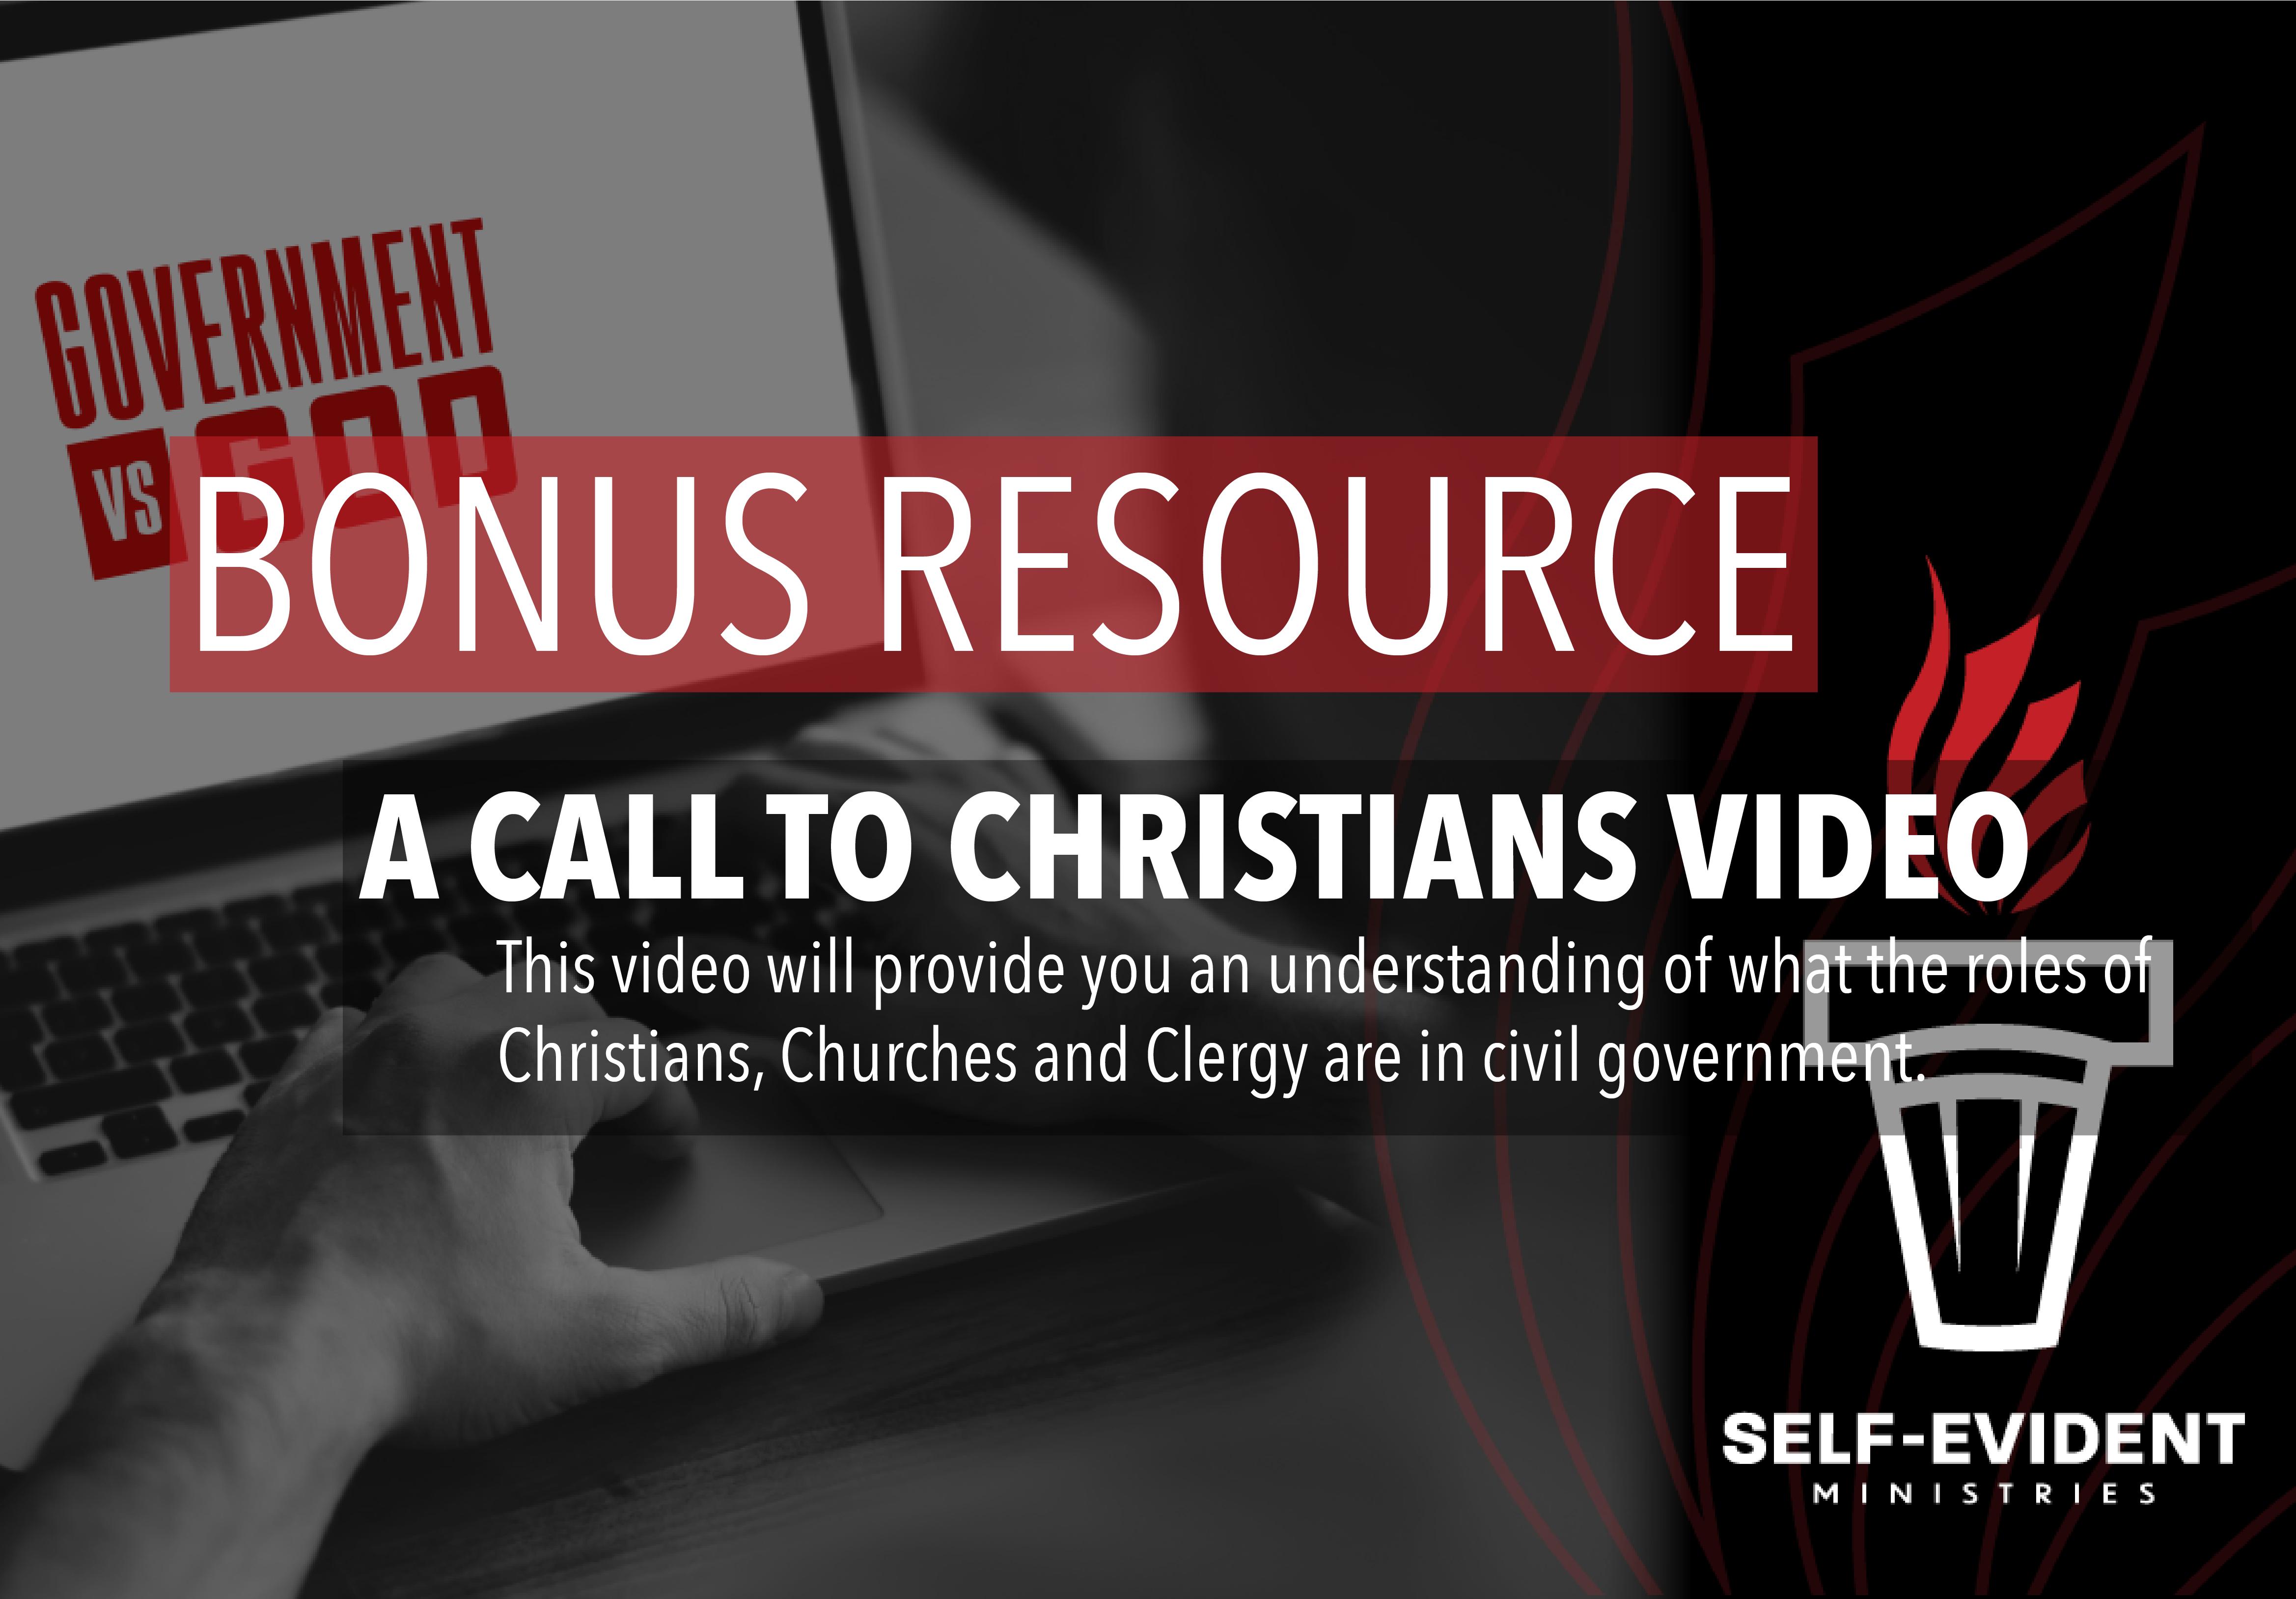 Bonus Resource